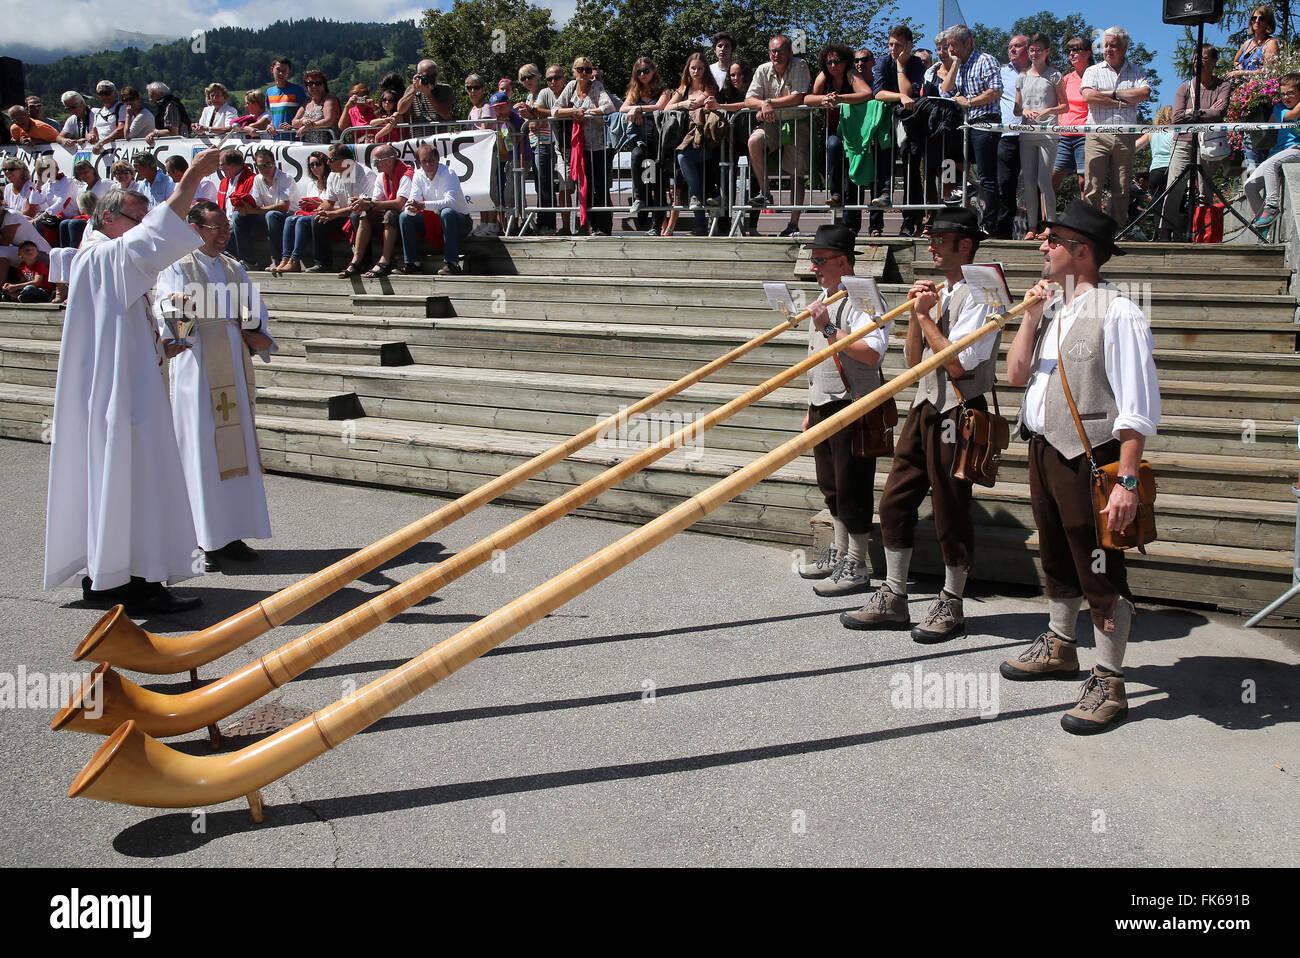 Saint-Gervais traditional mountain guides festival, alphorn players, Saint-Gervais-les-Bains, Haute Savoie, France, - Stock Image